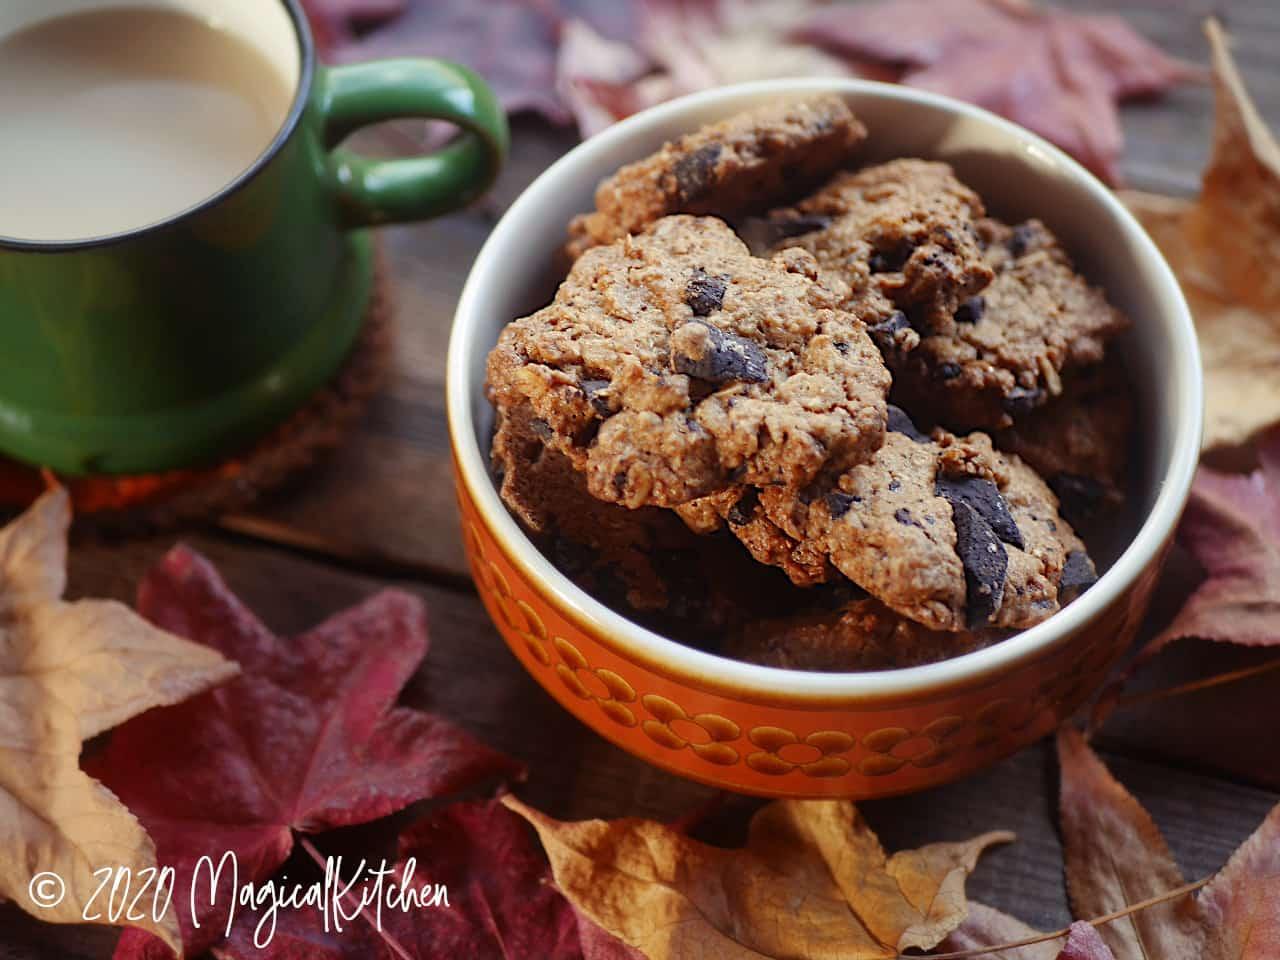 オートミールコーヒークッキー